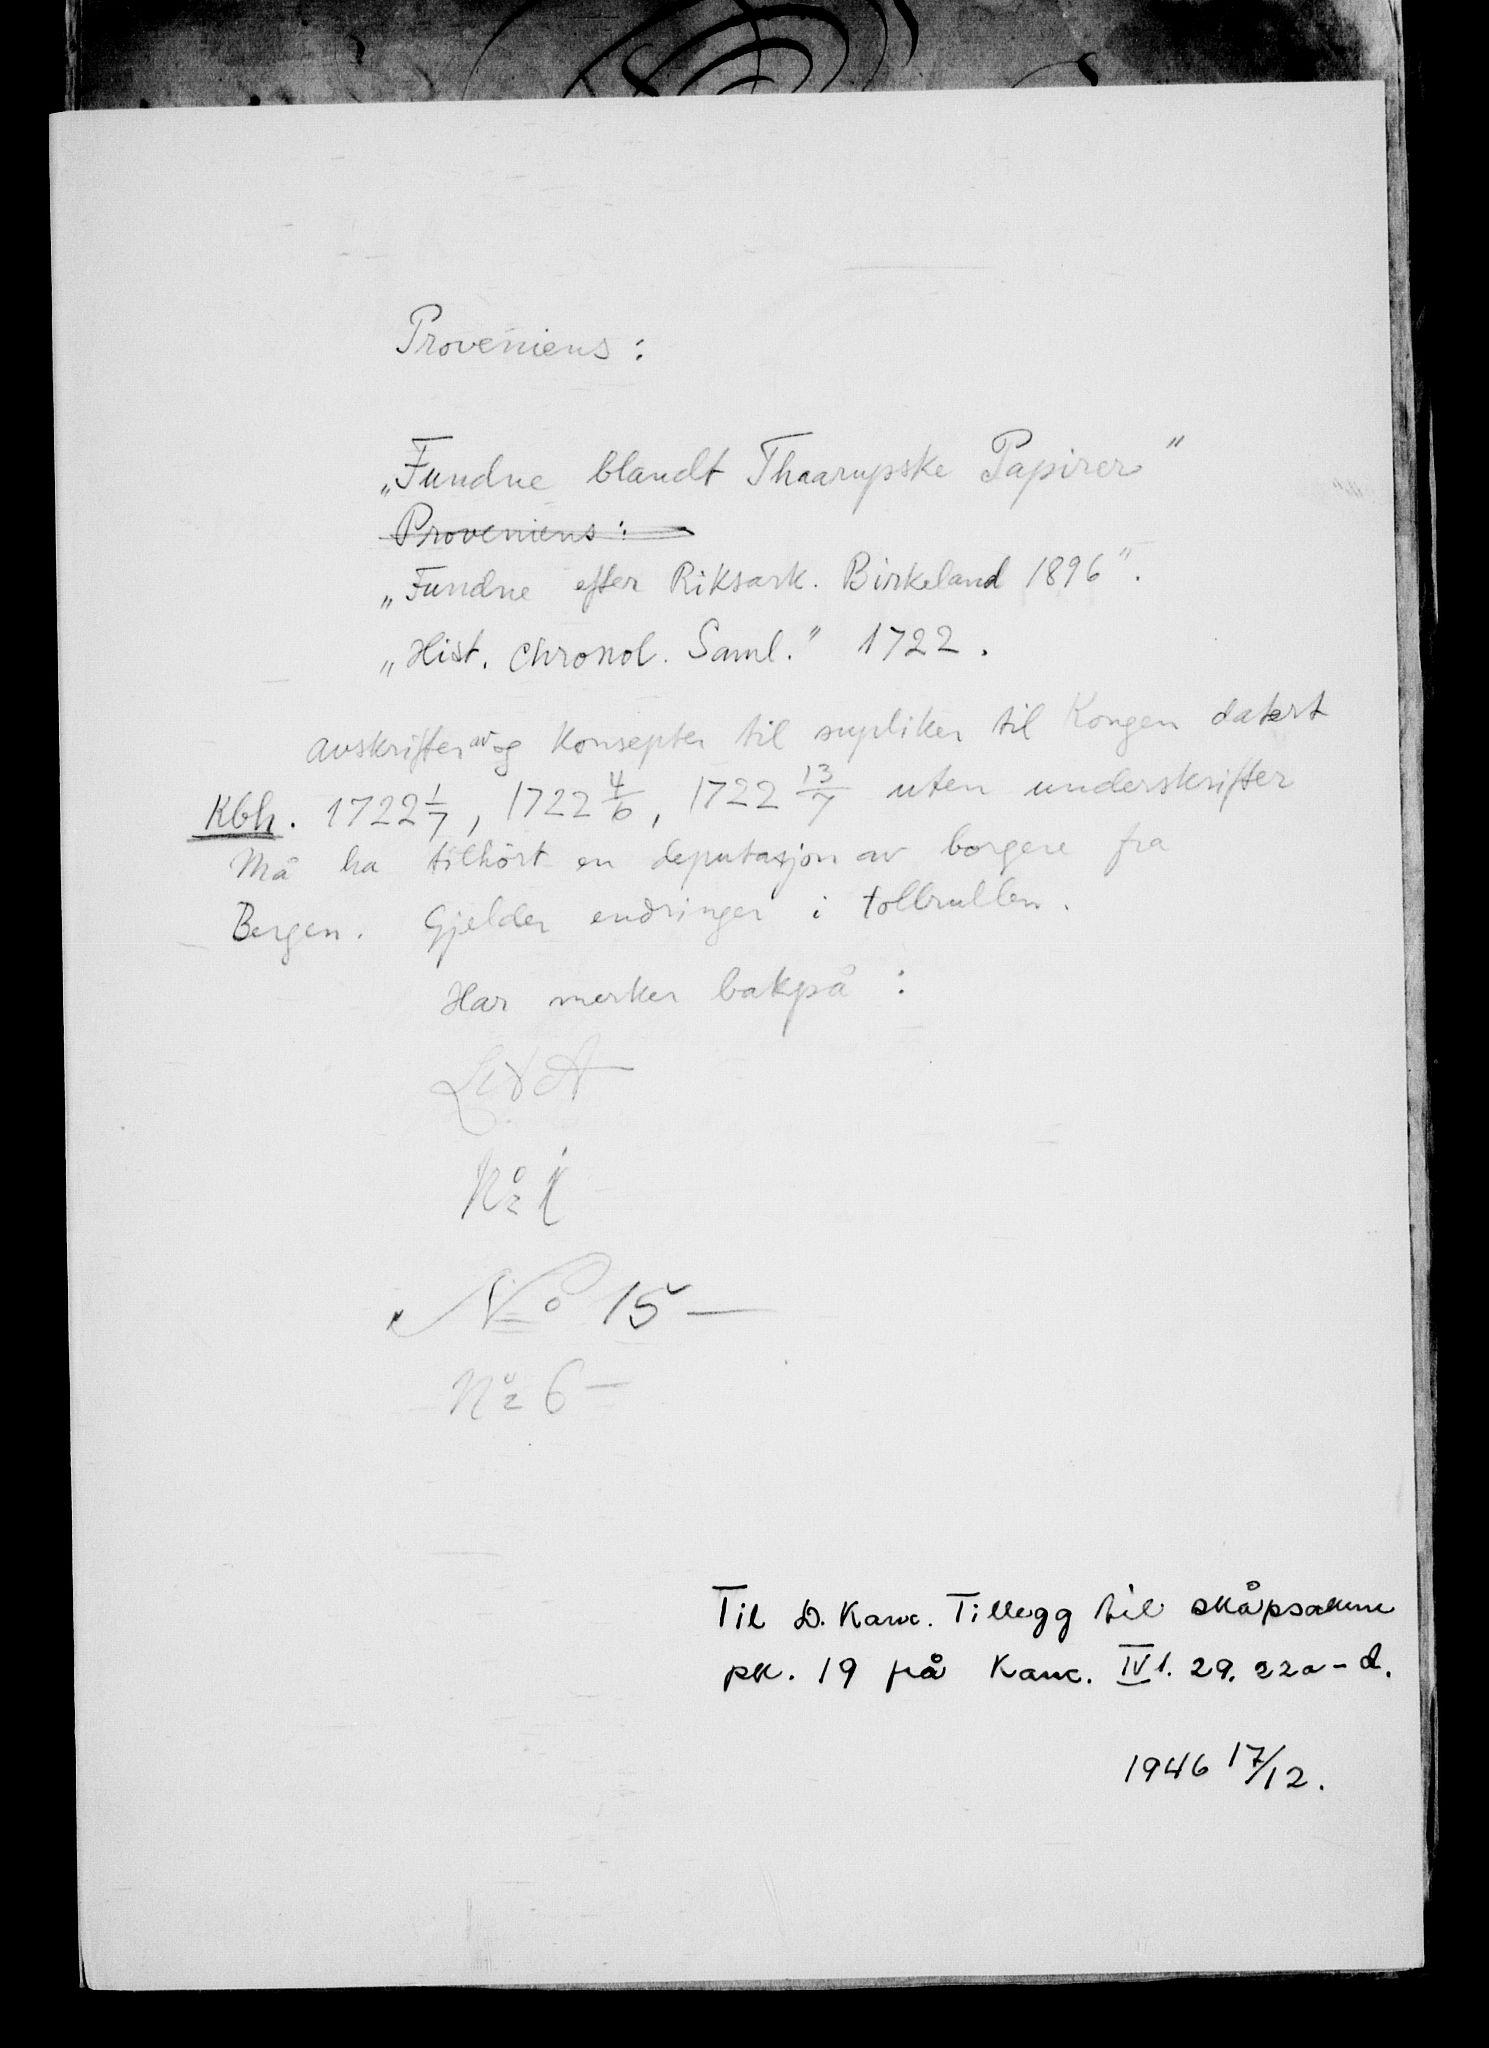 RA, Danske Kanselli, Skapsaker, G/L0019: Tillegg til skapsakene, 1616-1753, p. 2